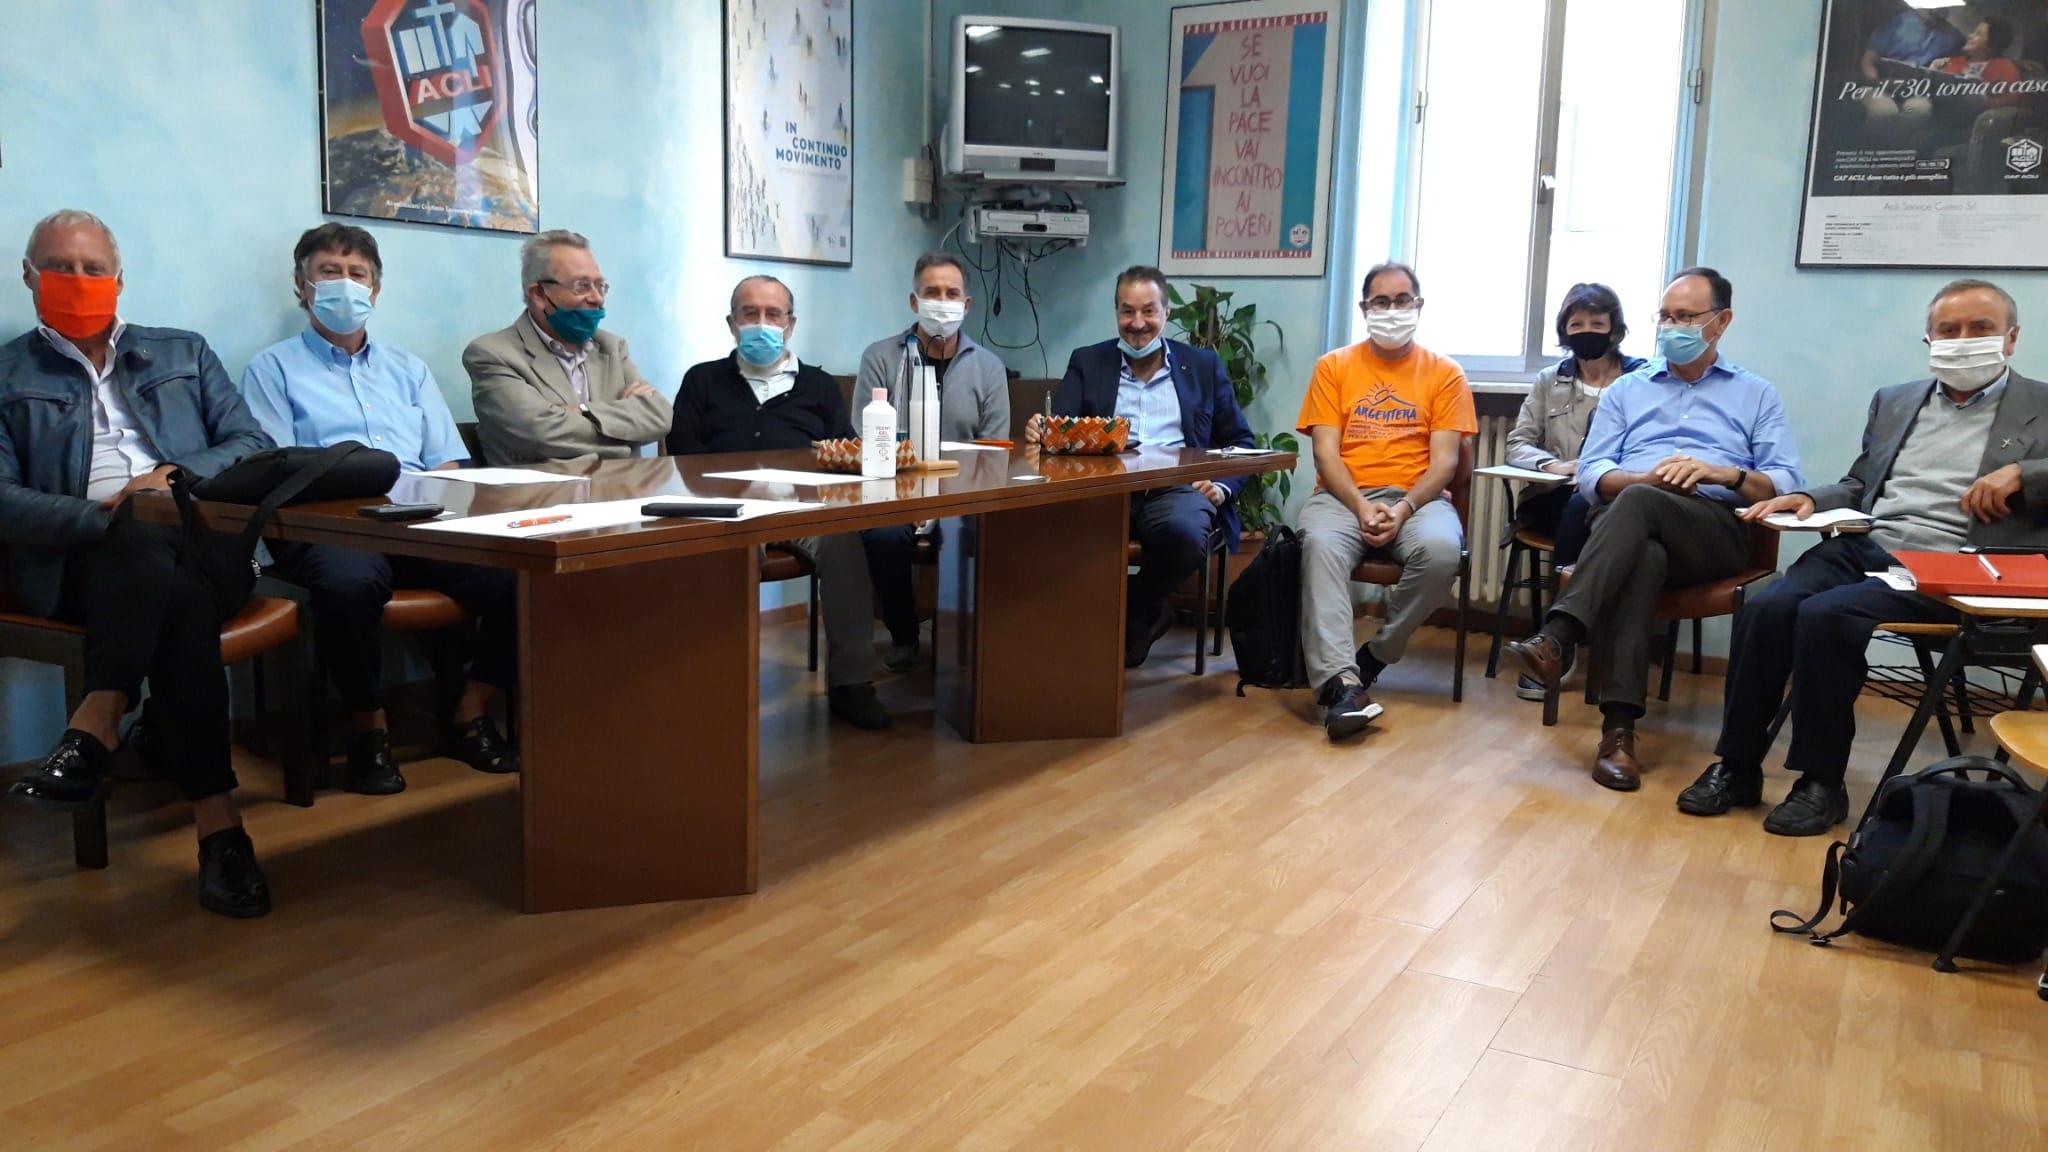 L'incontro tra il segretario generale Cisl di Cuneo, Enrico Solavagione e il segretario organizzativo, Francesco Gazzola con i vertici dell'associazionismo cattolico cuneese